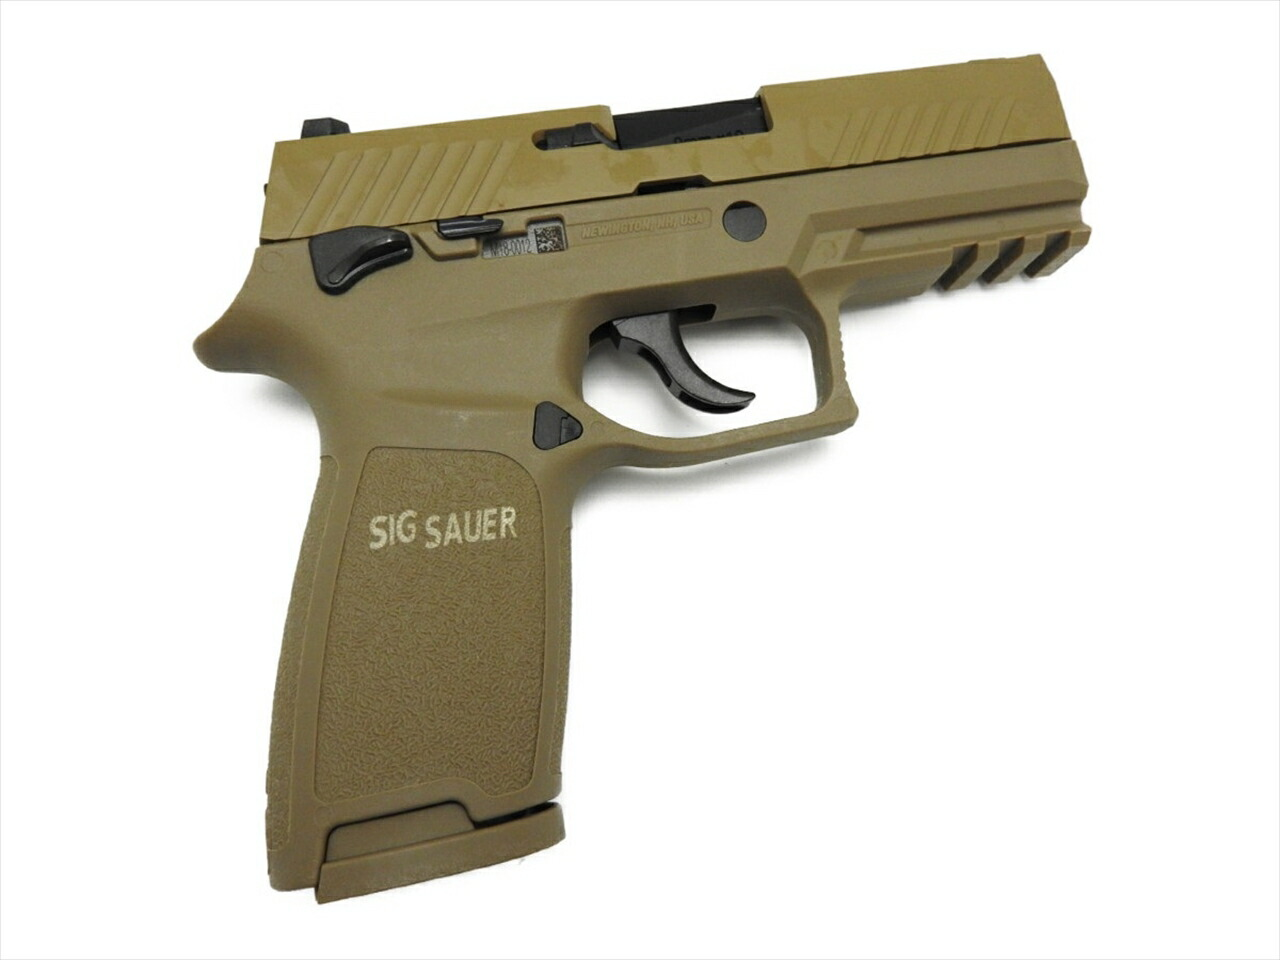 【エントリー全会員P10倍】 AEG シグ P320 M18 コンパクト 日本国特殊作戦群 刻印 SIG SAUER ガスガン エアガン タン 18歳以上 18禁 銃